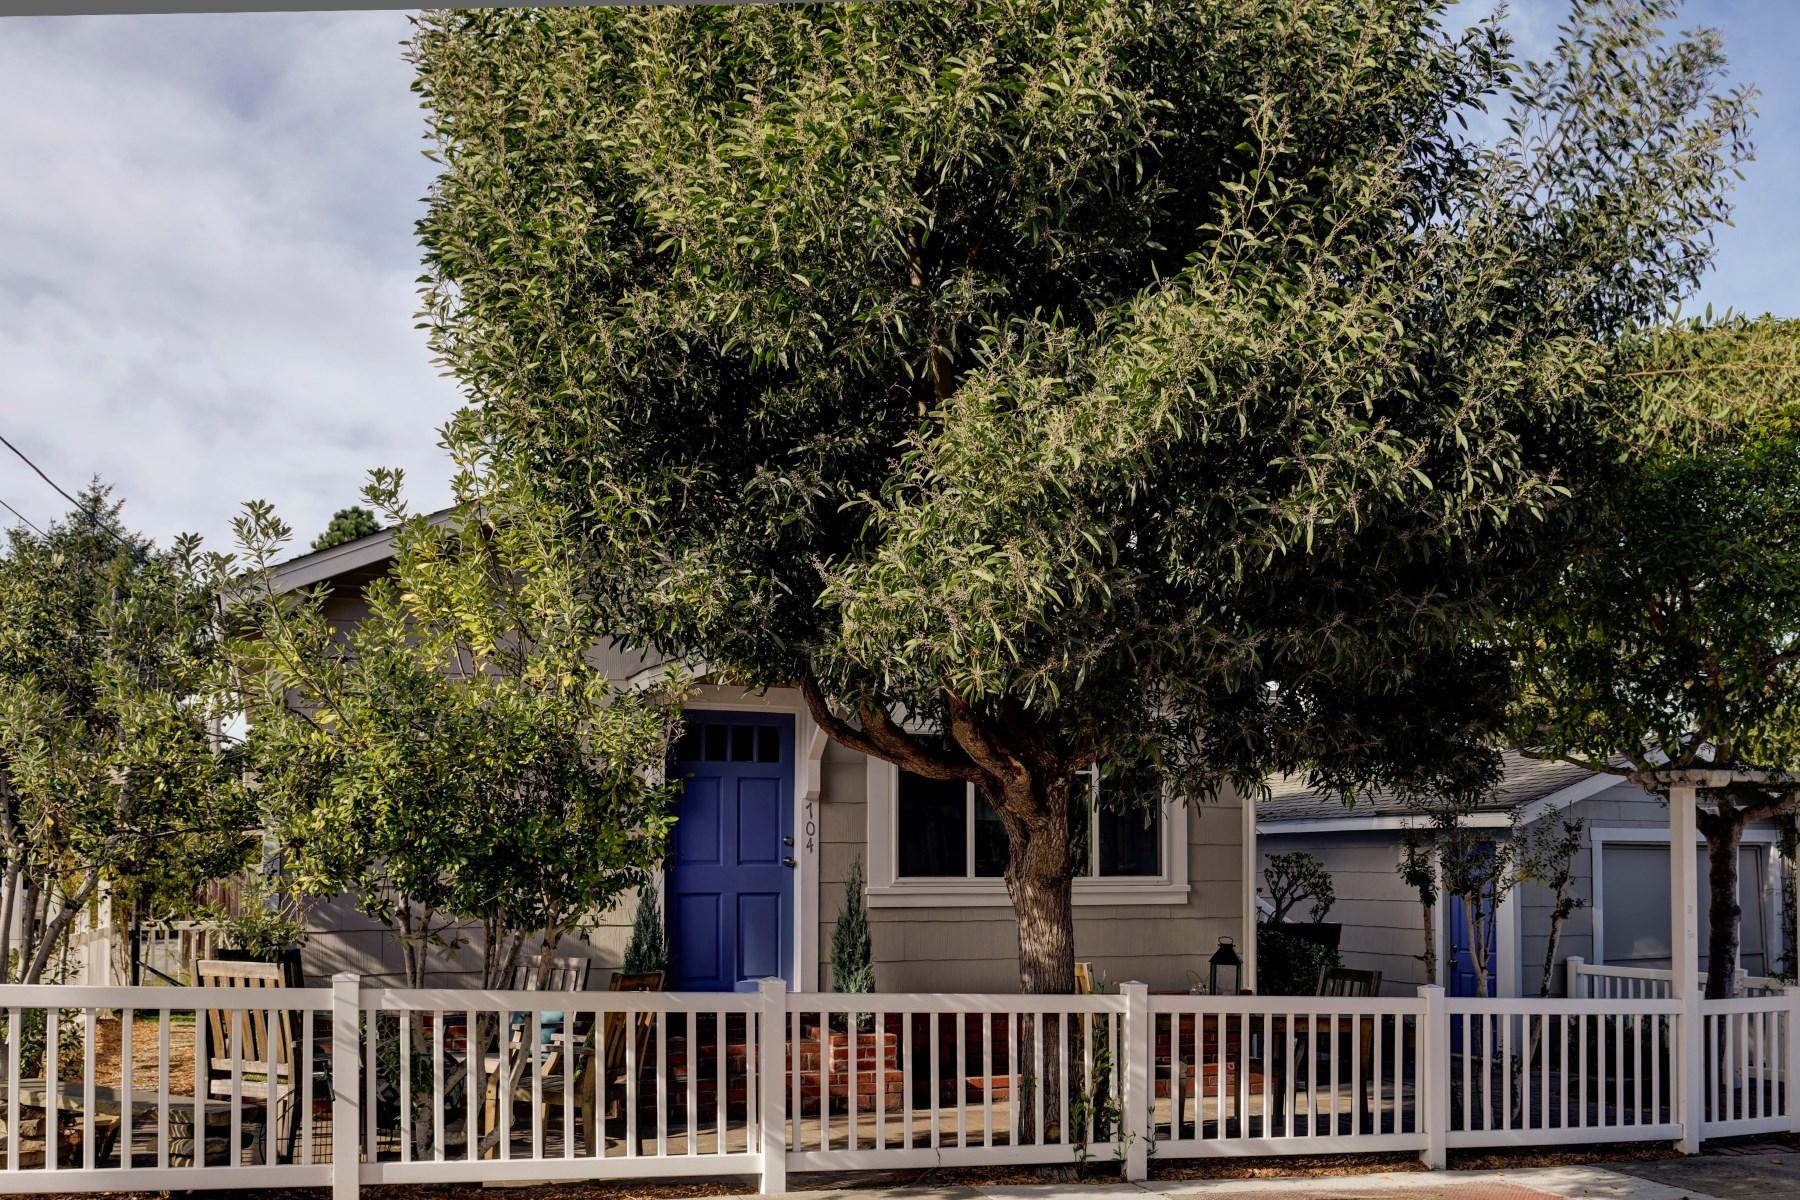 Maison unifamiliale pour l Vente à Sweet Pacific Grove Cottage 704 9th Street Pacific Grove, Californie 93950 États-Unis